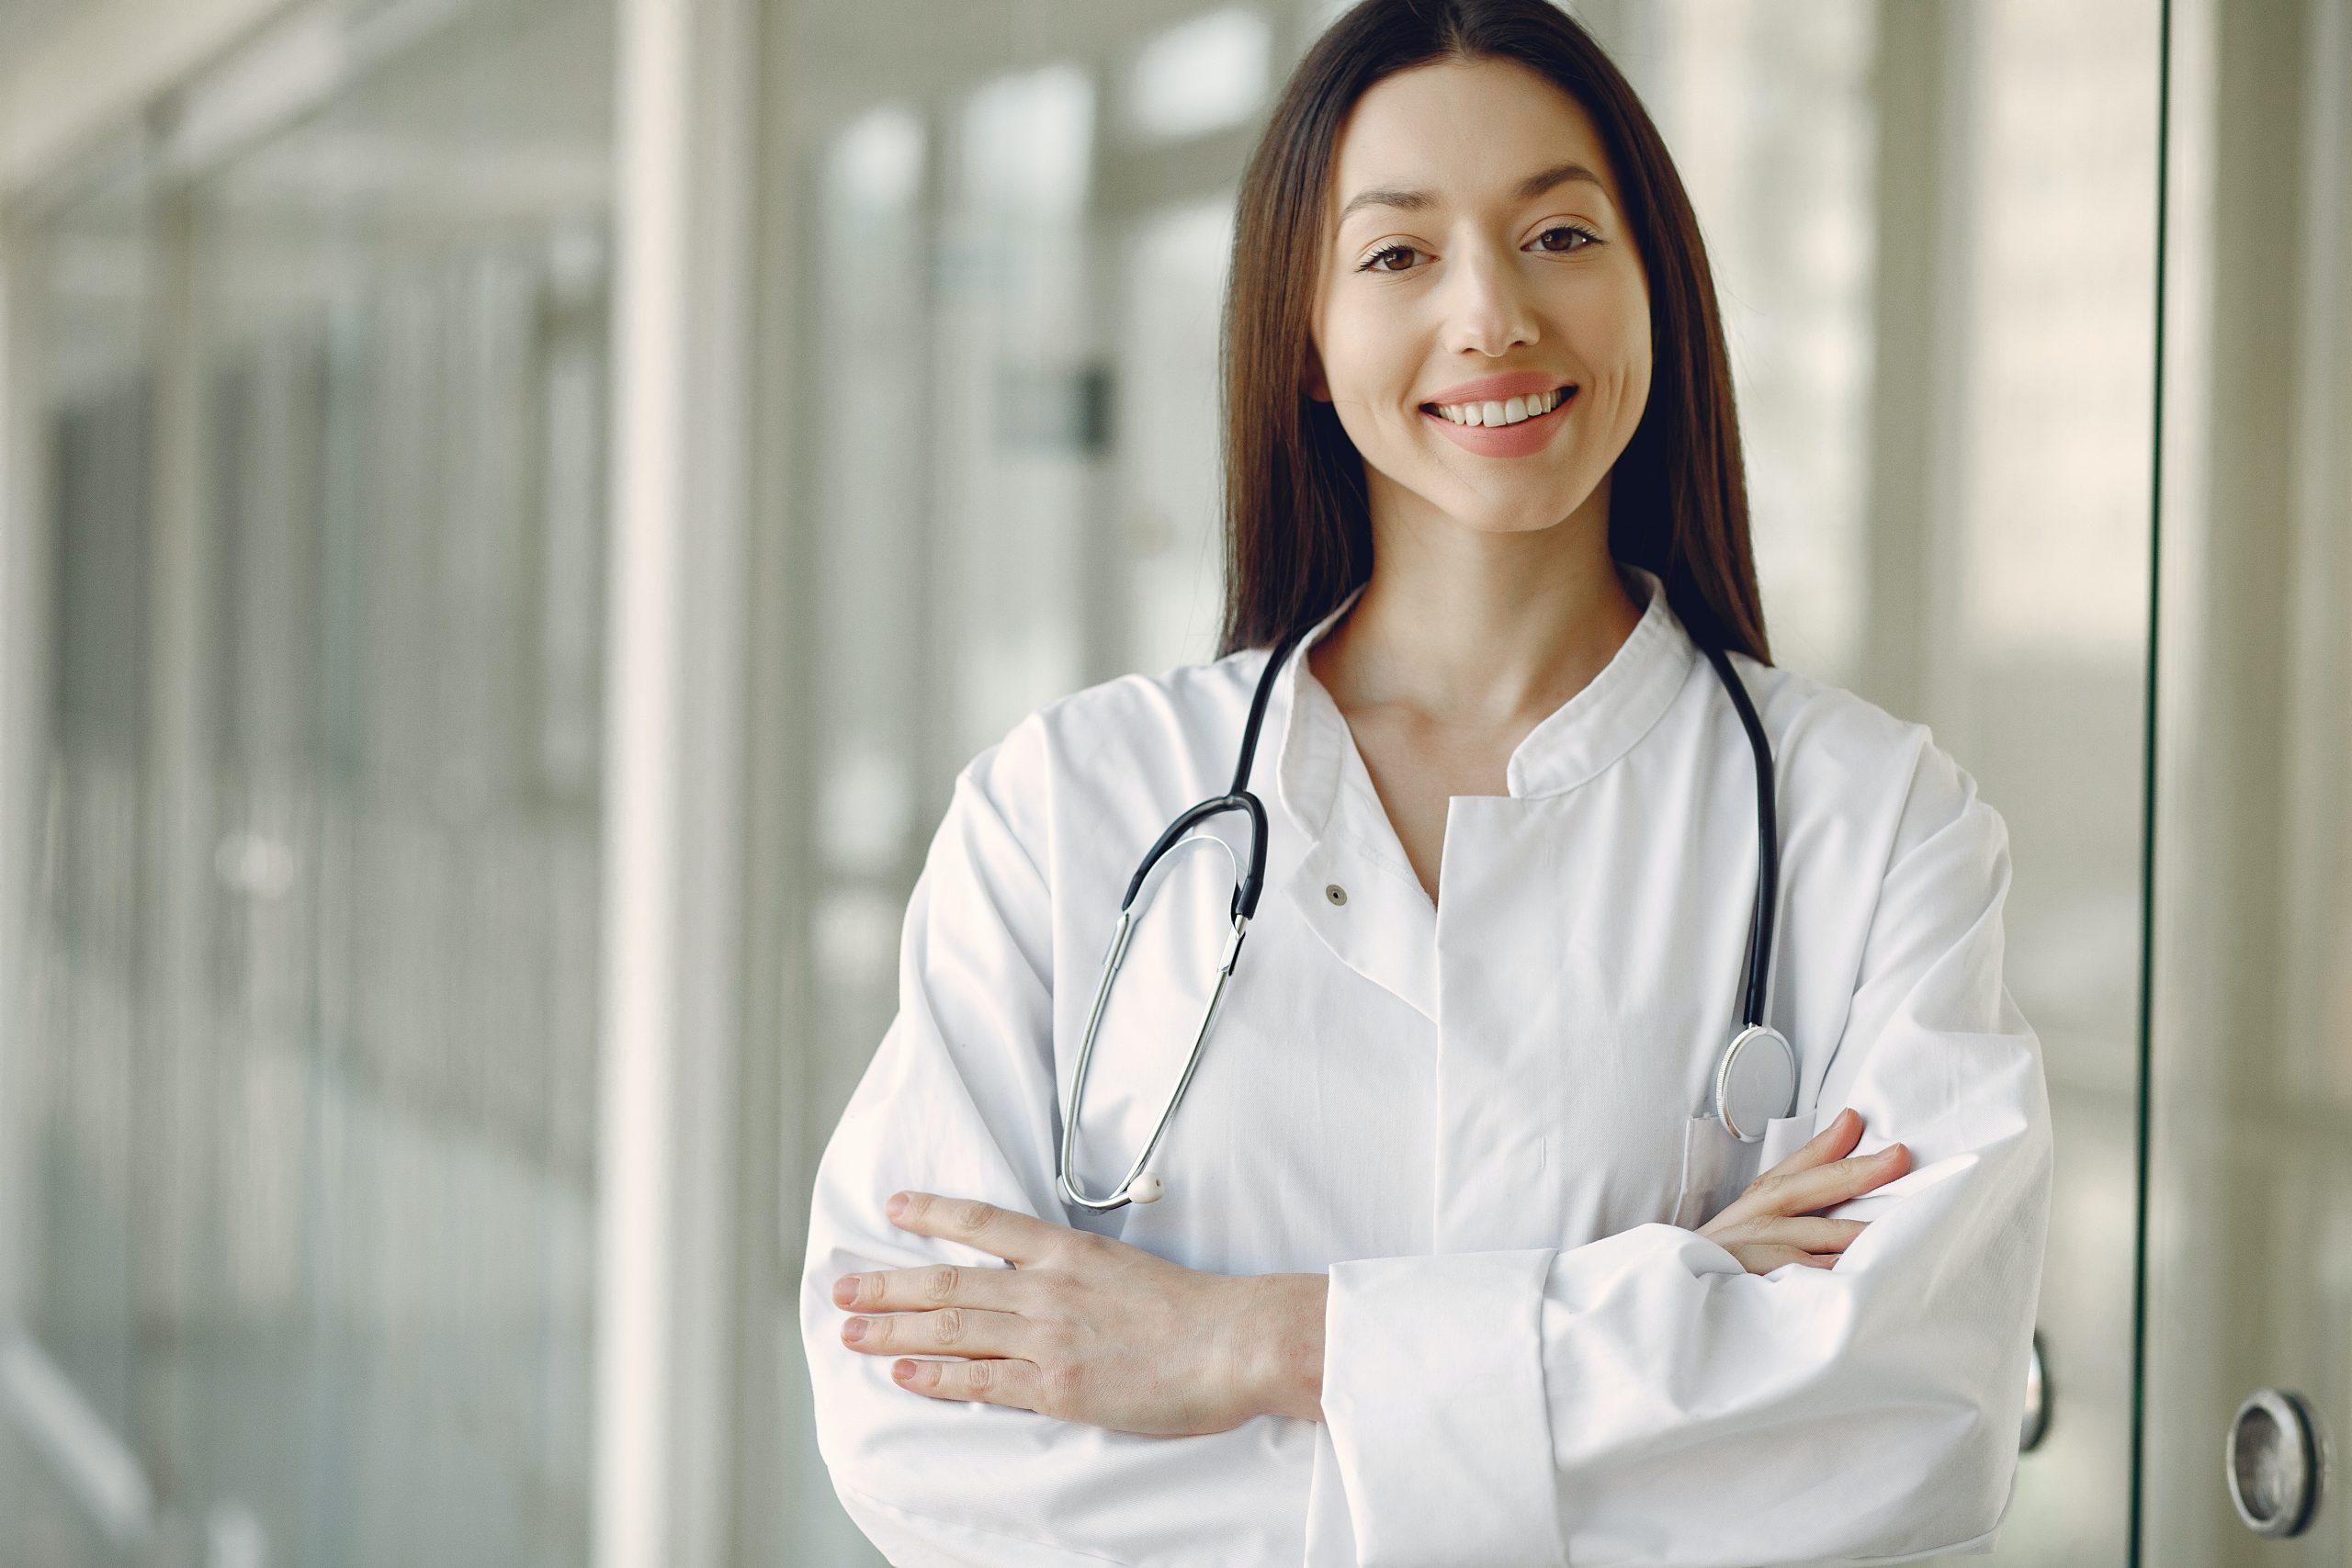 jeune femme blouse blanche interne études de médecine